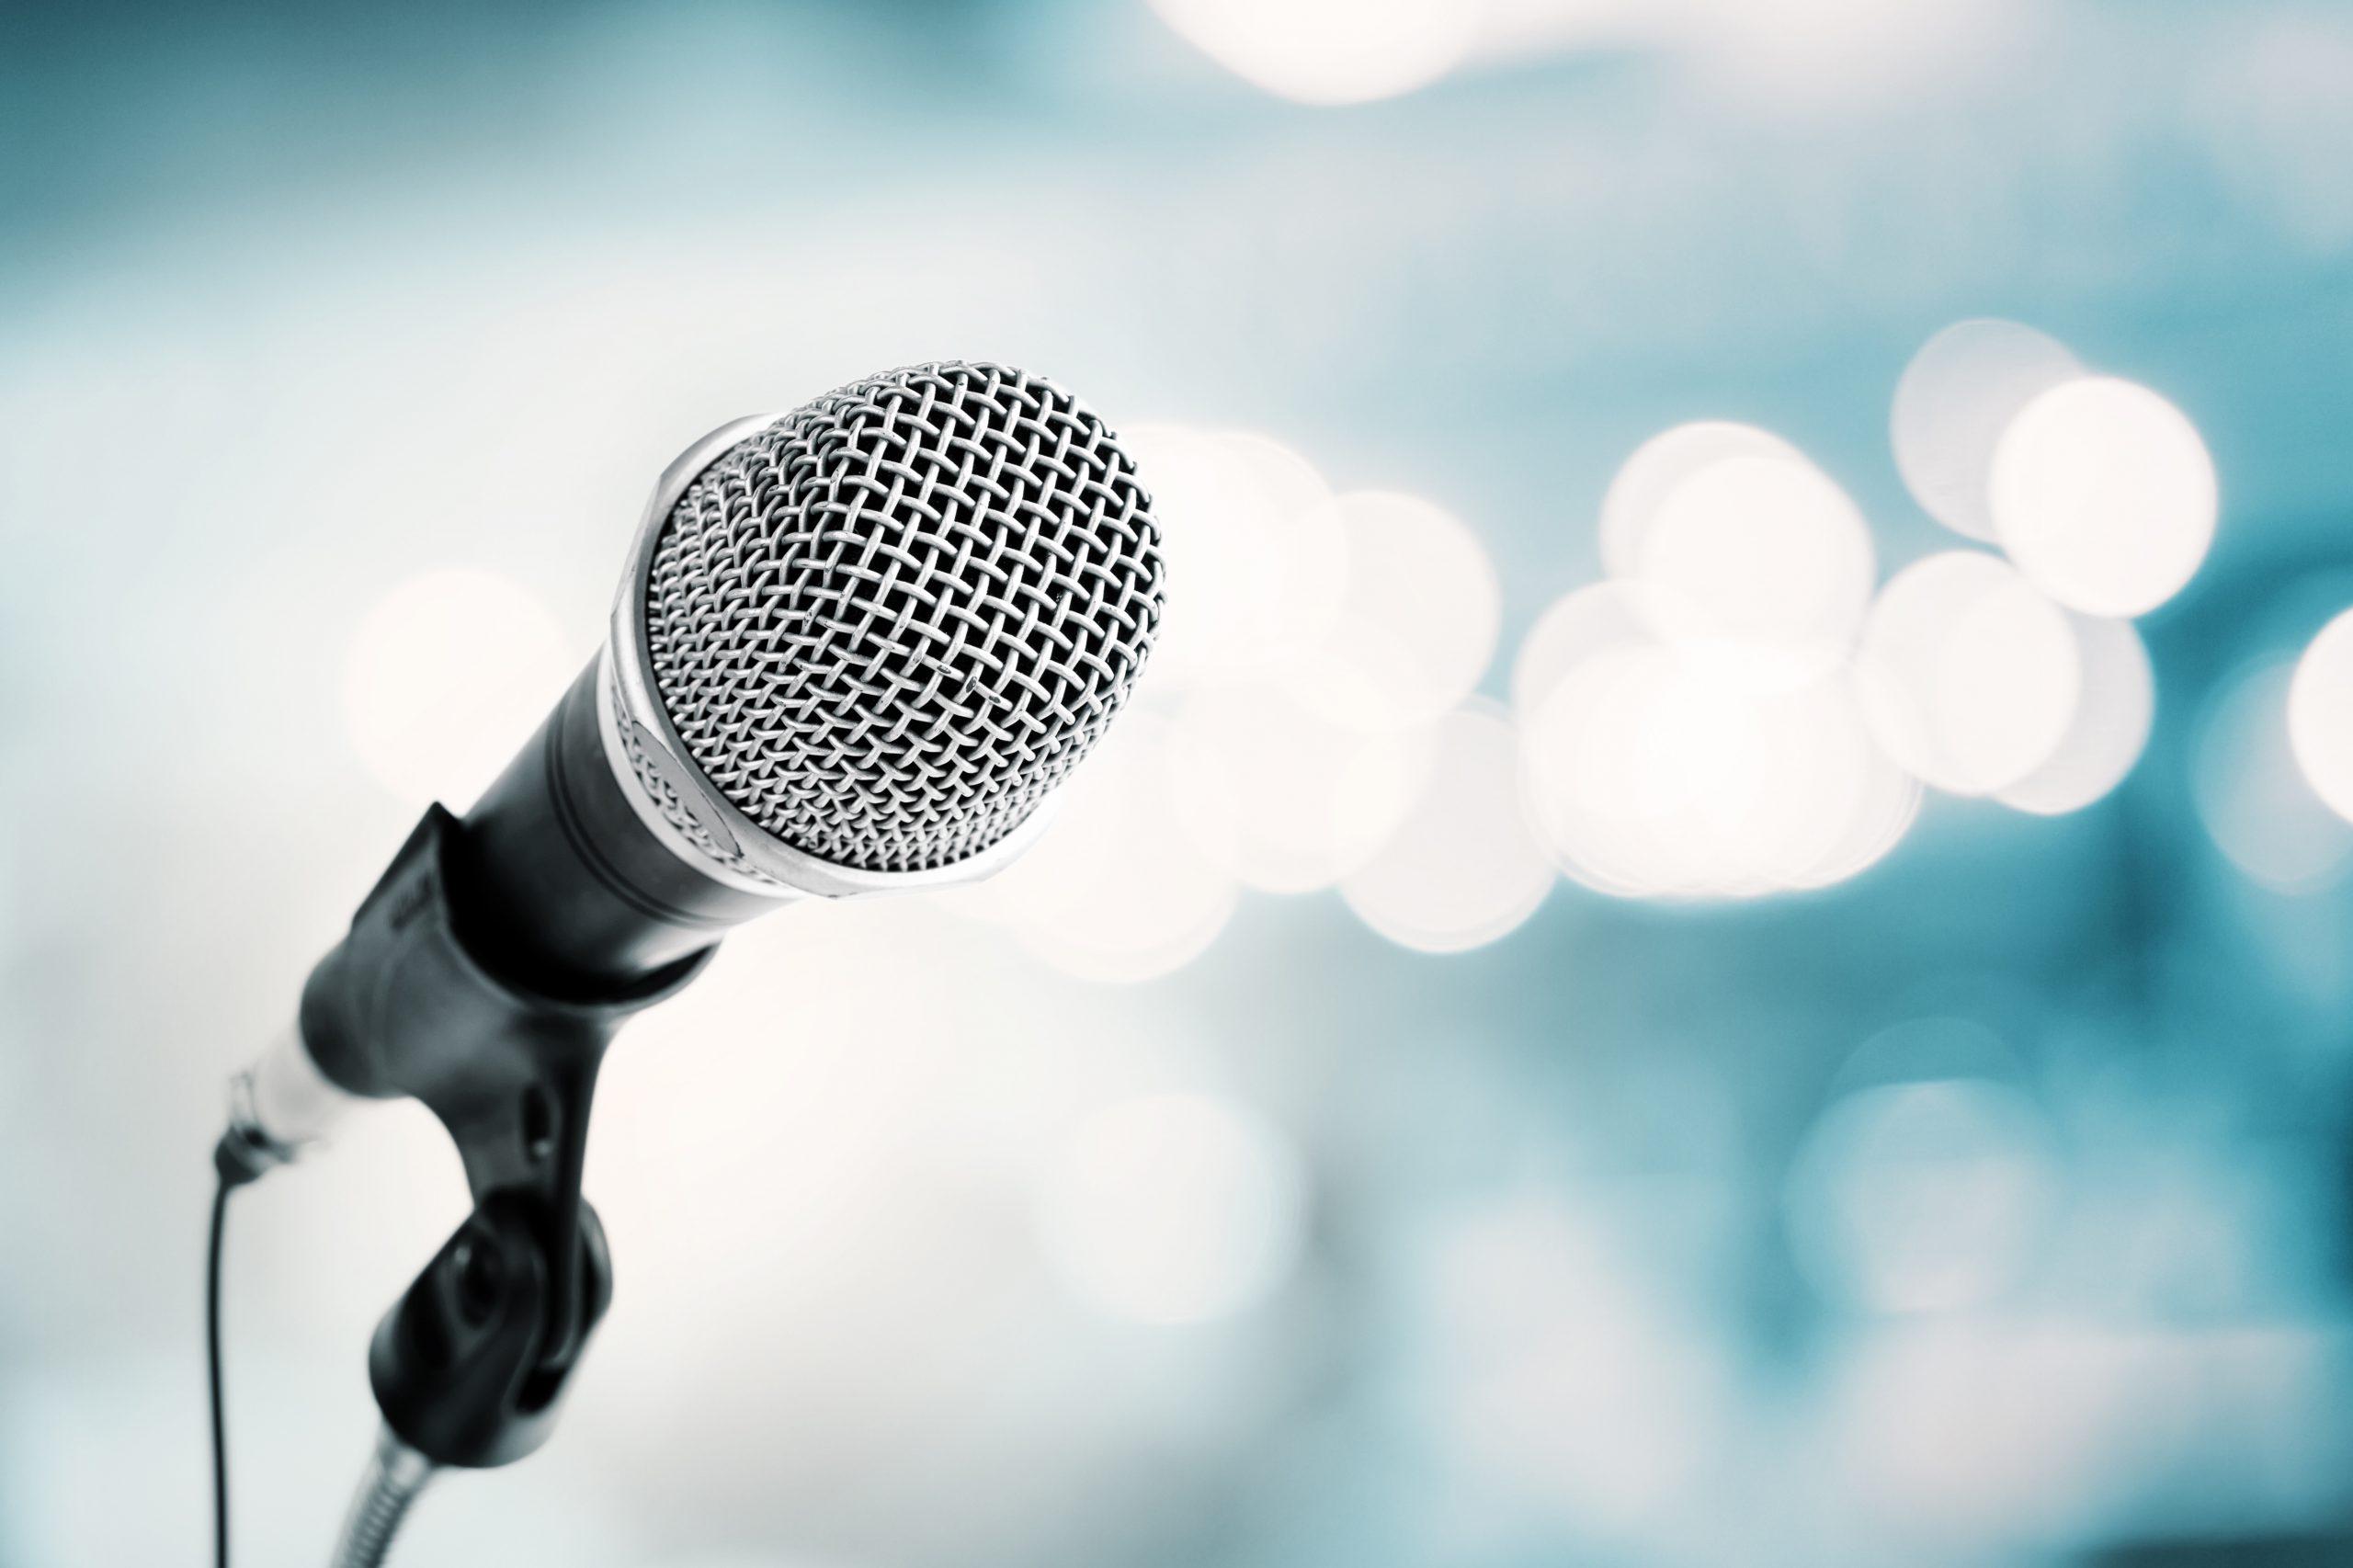 Mikrofon funktioniert nicht